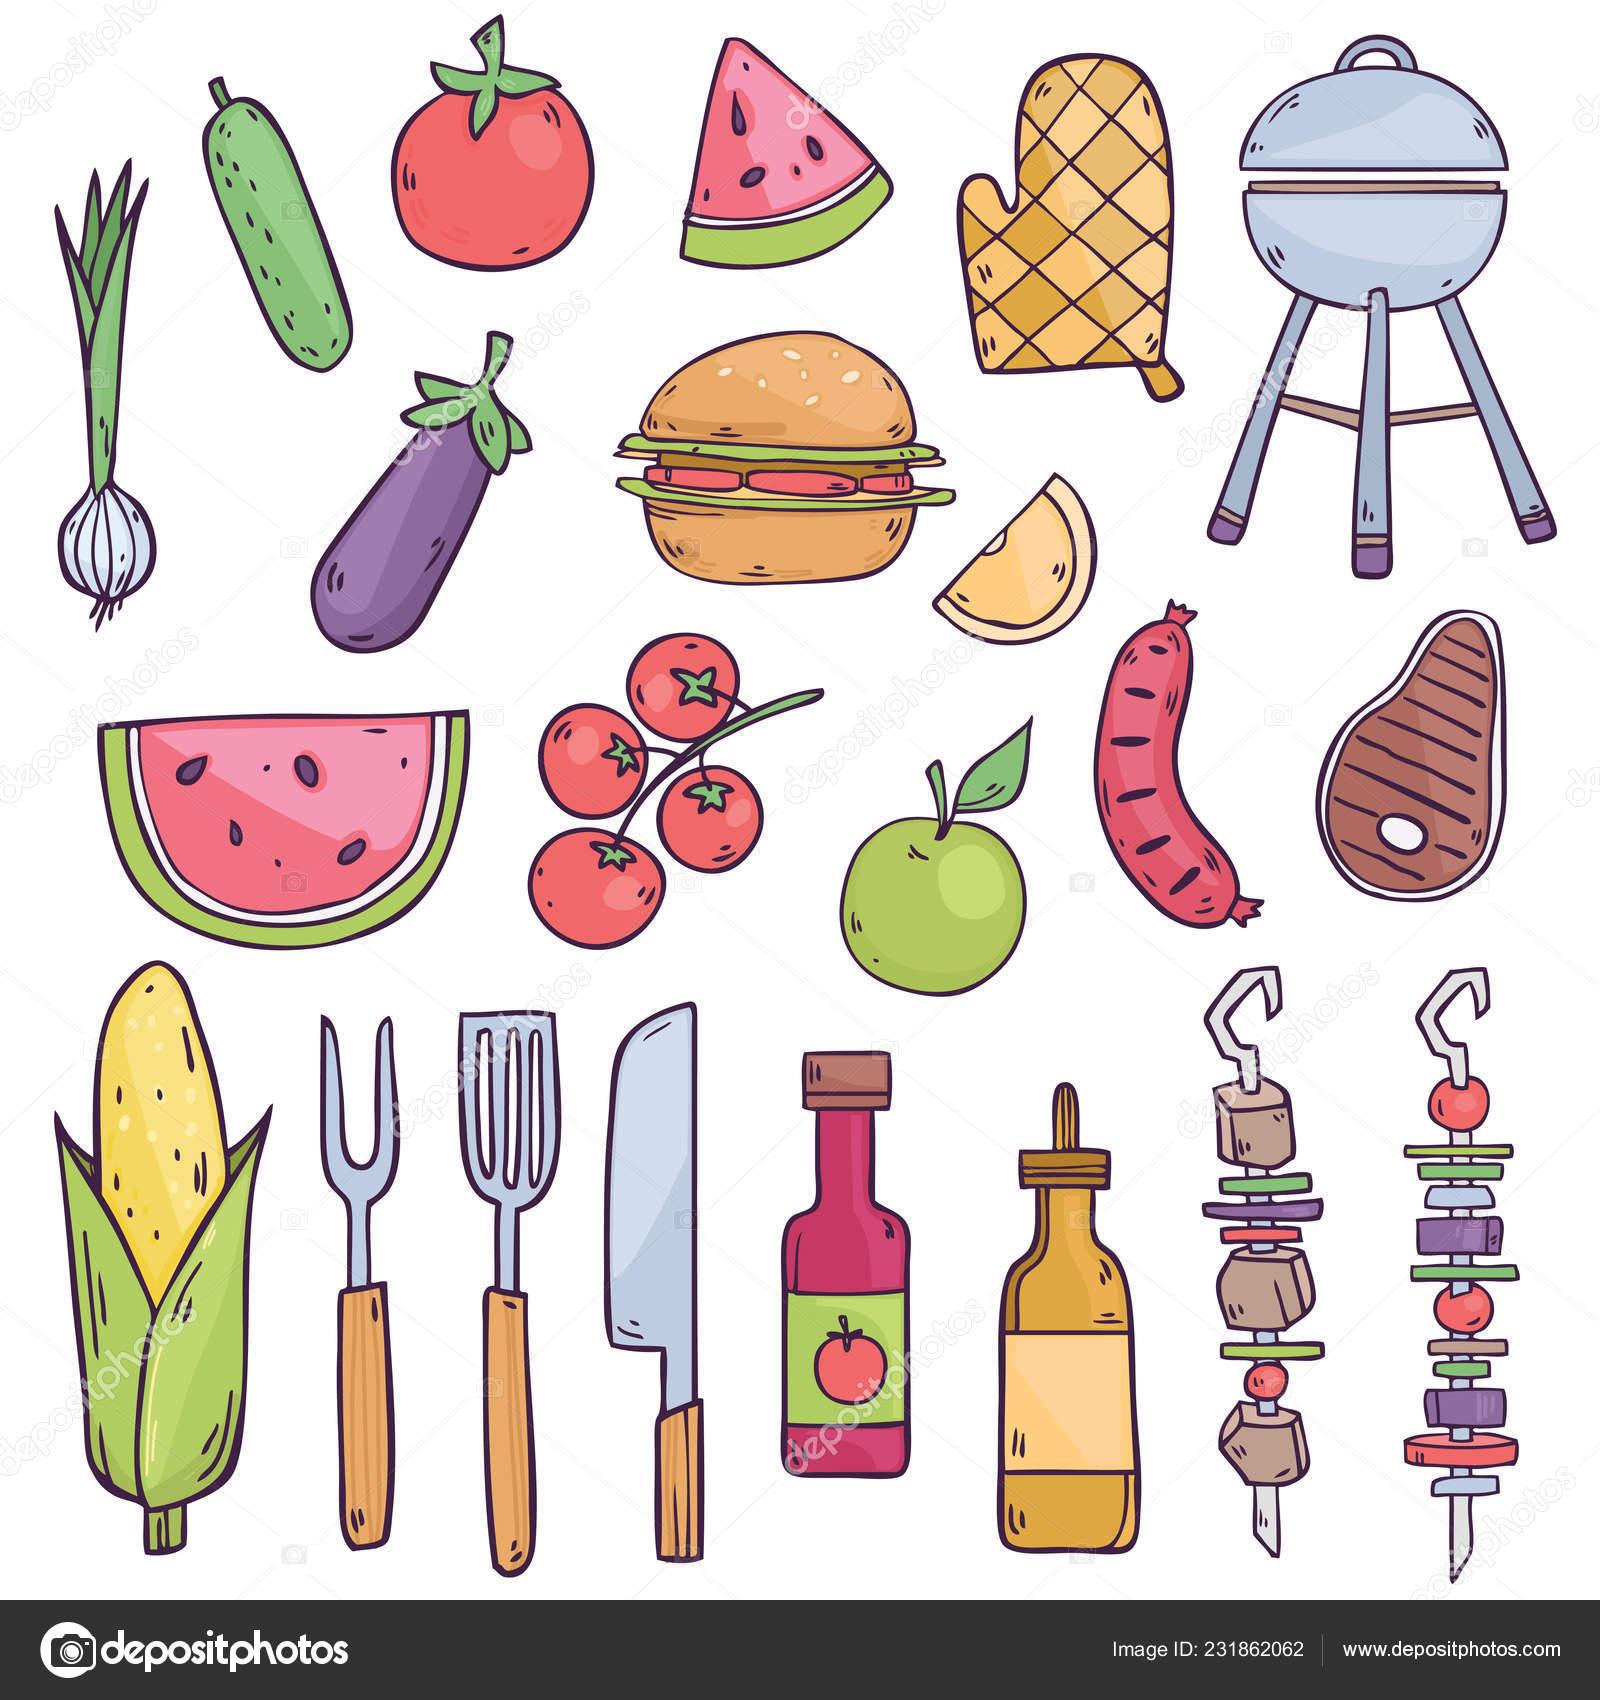 Mod le vectorielle continue avec dessin anim aliments ingr dients sauces image vectorielle - Dessin gouter ...